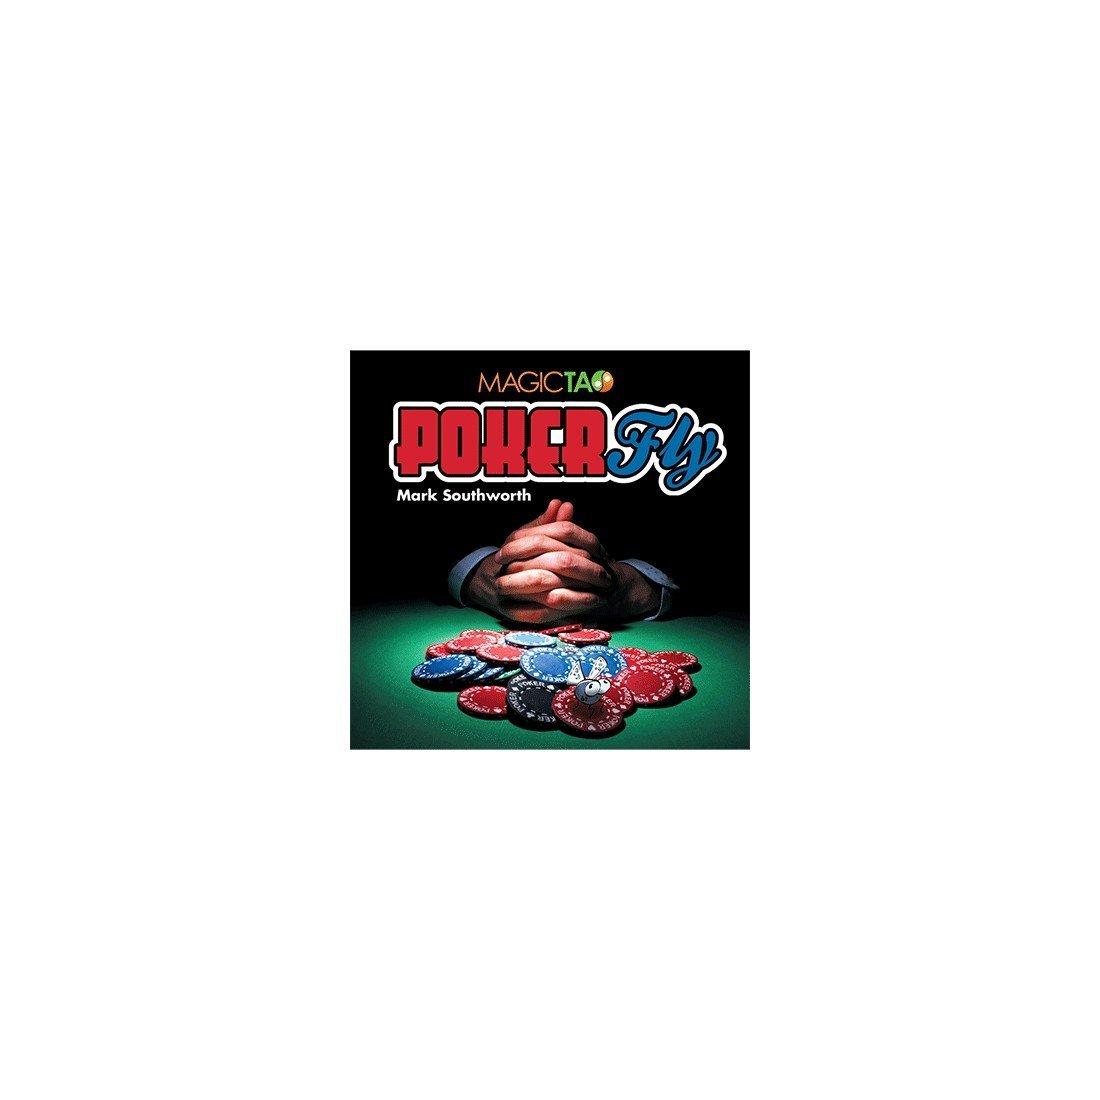 tiendas minoristas Poker Fly by Mark Mark Mark Southworth and MagicTao - Trick  artículos novedosos